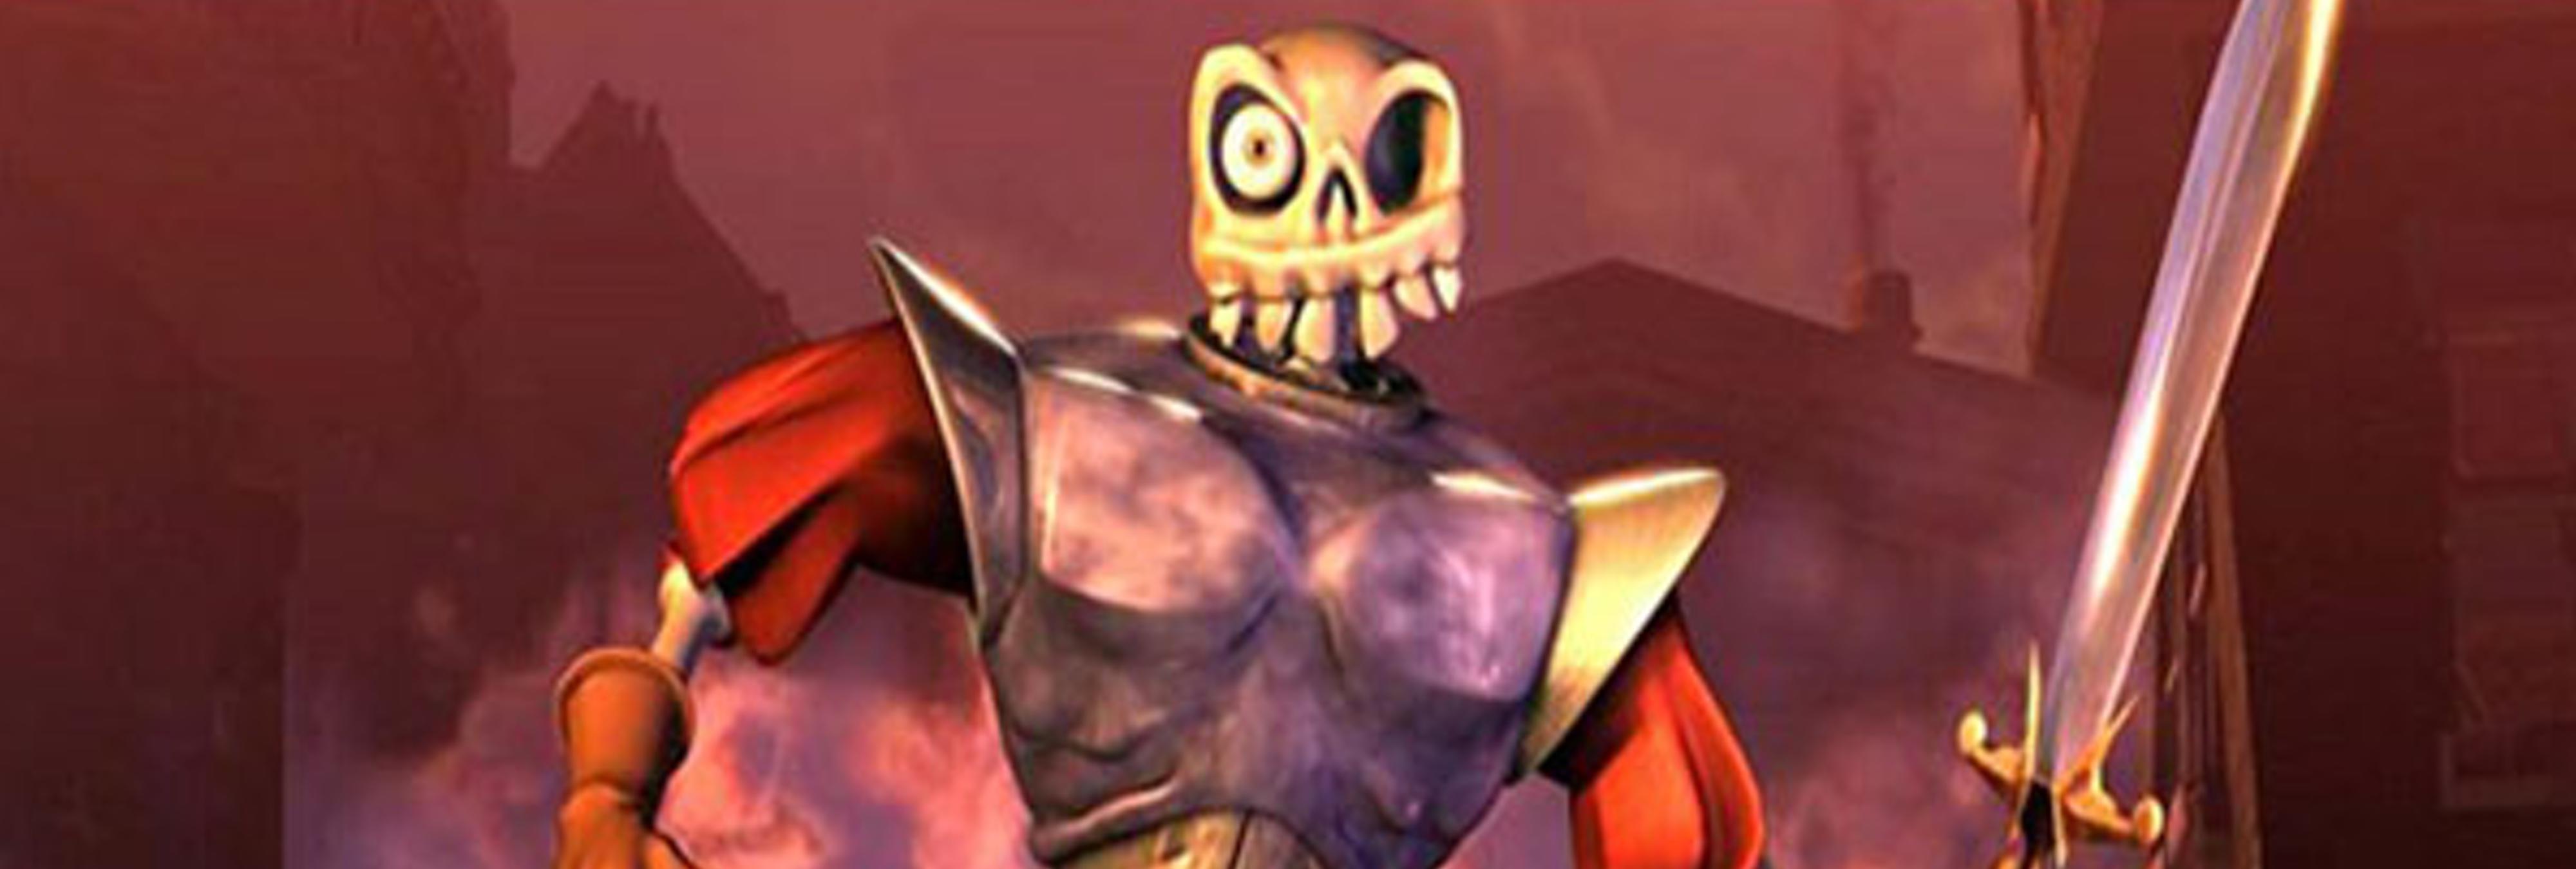 PlayStation recupera el mítico Medievil y las redes arden